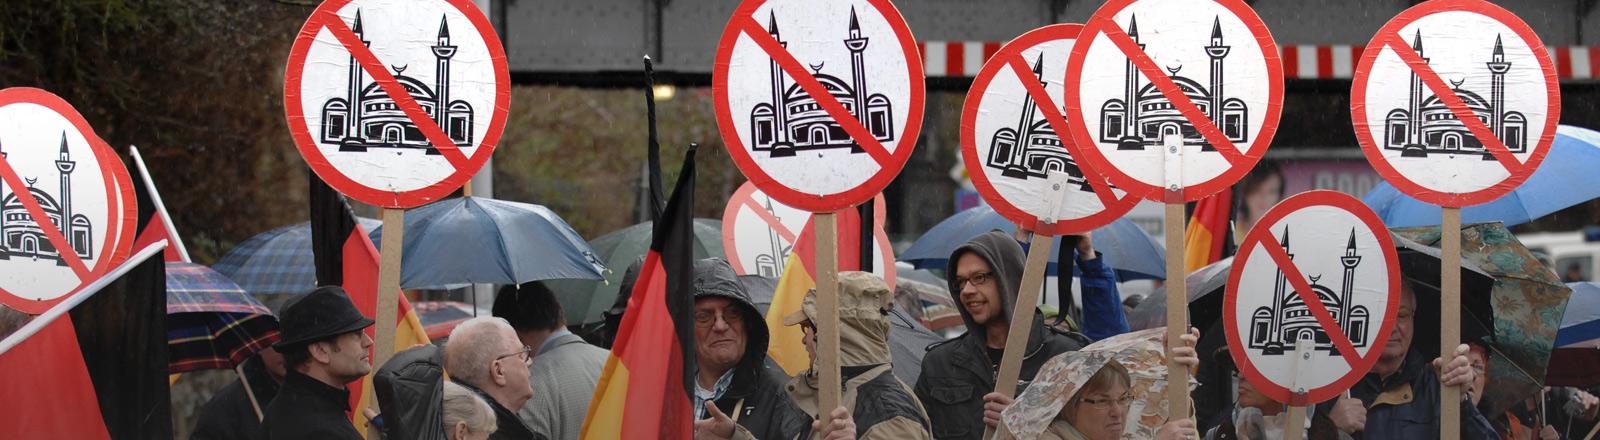 Menschen halten Schilder hoch und demonstrieren damit gegen Moscheen